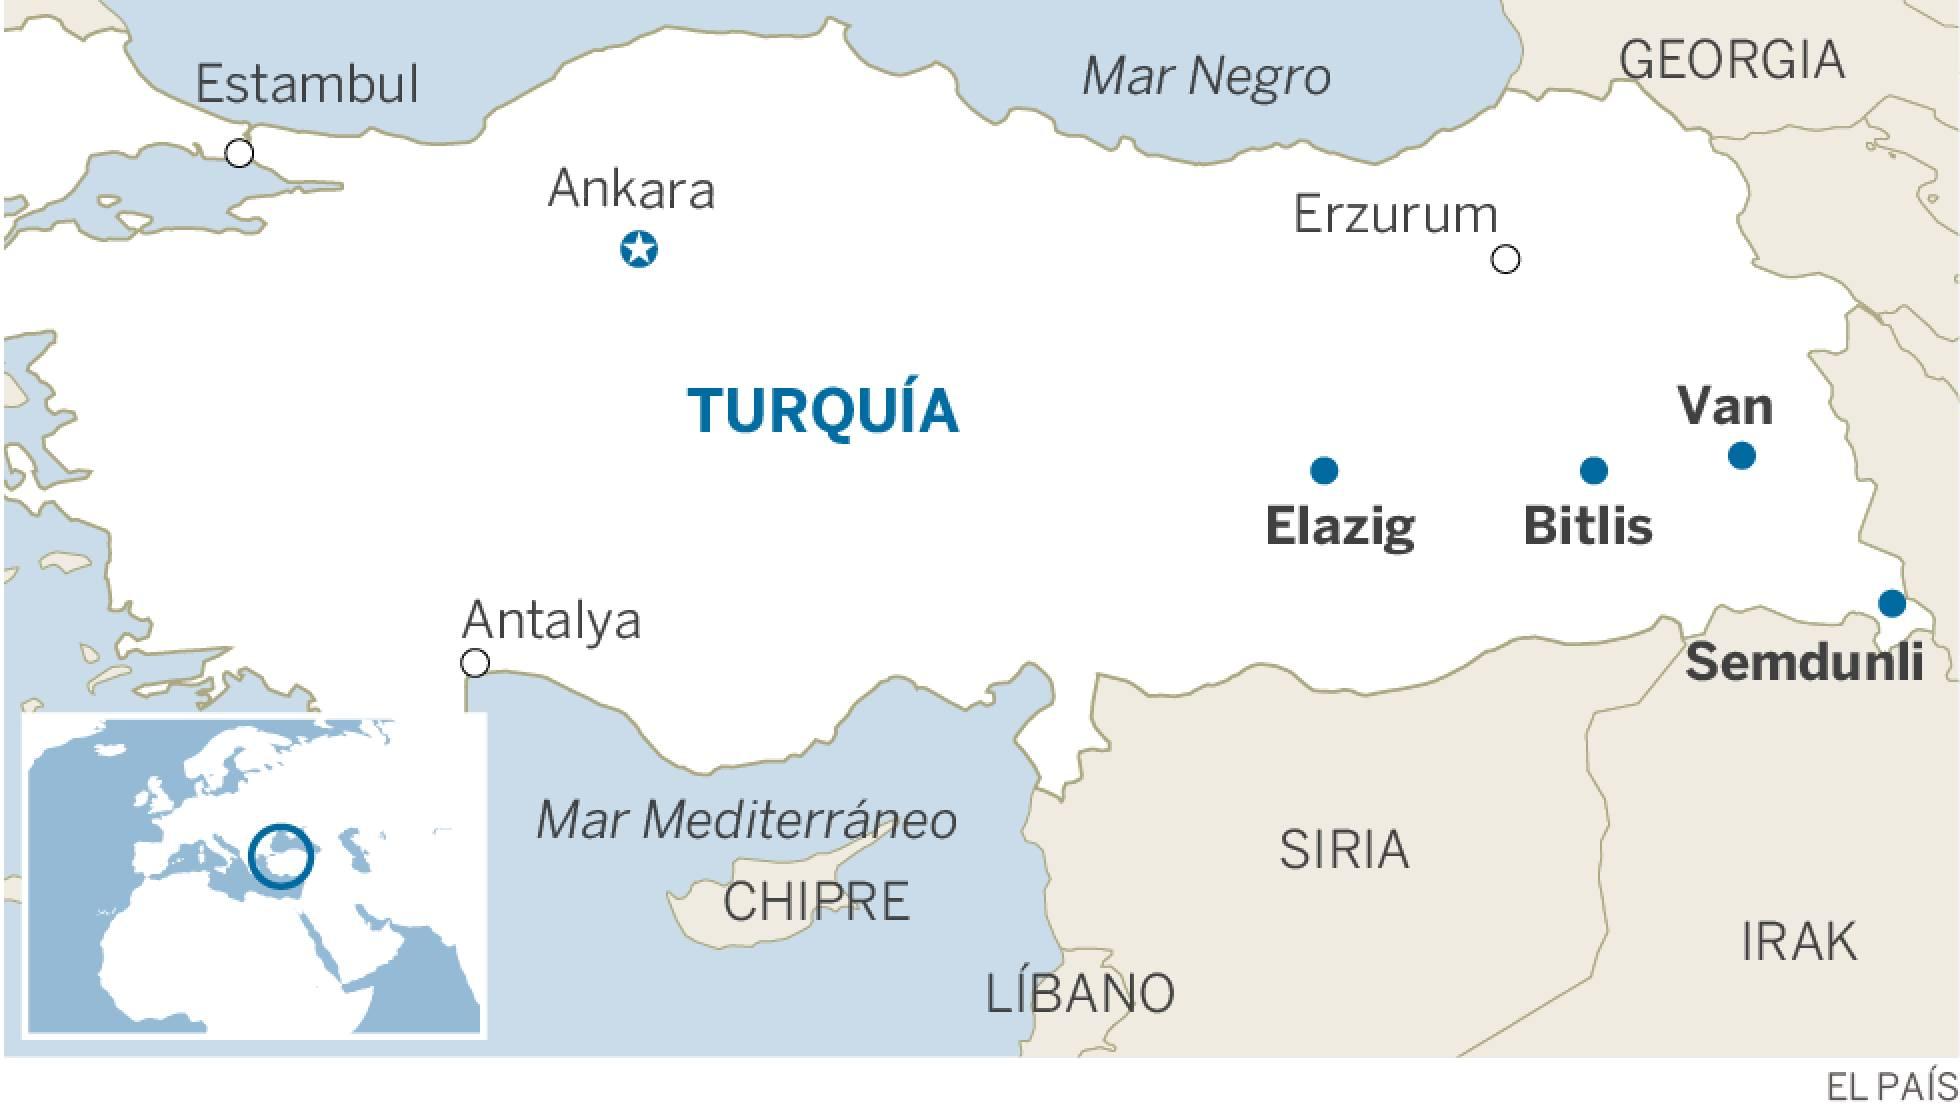 Kurdistán Norte [Turquía]: Represión, situaciones y conflictos. - Página 6 1471515541_069911_1471531350_sumario_normal_recorte1